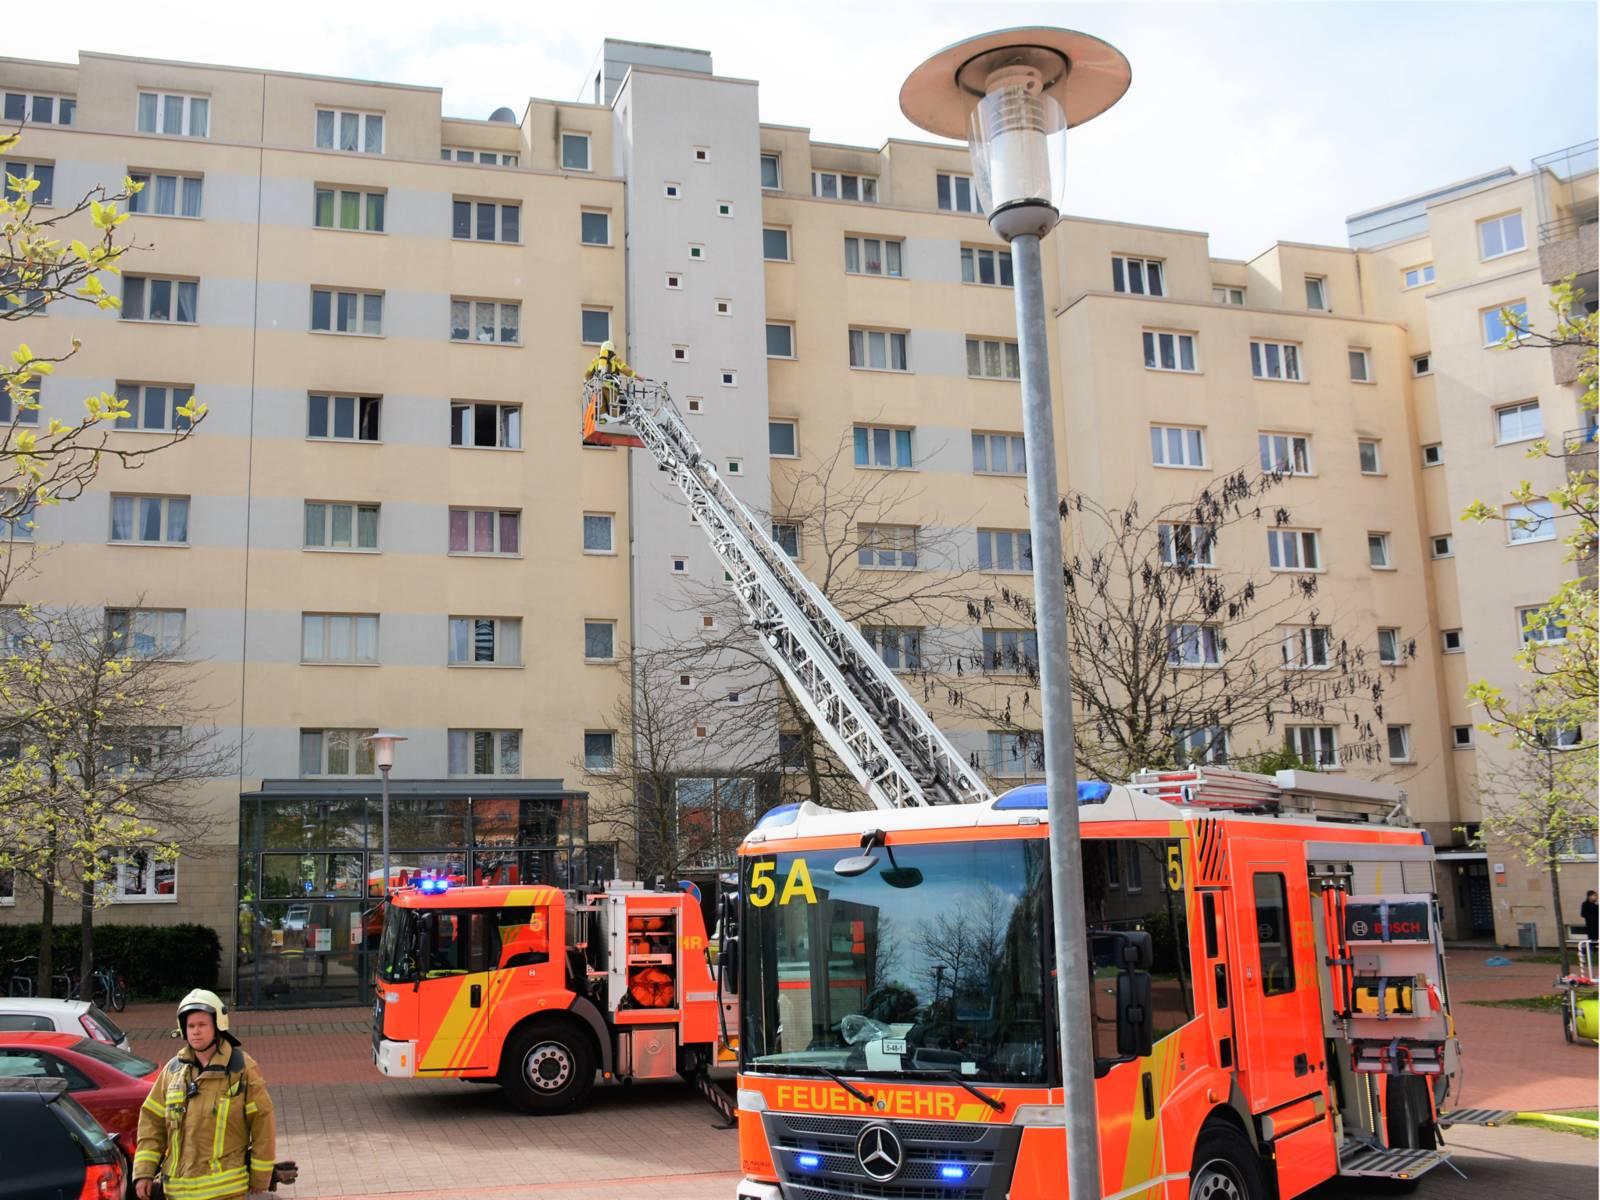 Im Einsatz waren der Löschzug der Feuer- und Rettungswache 5, die Ortsfeuerwehr Vinnhorst sowie einen Rettungswagen.